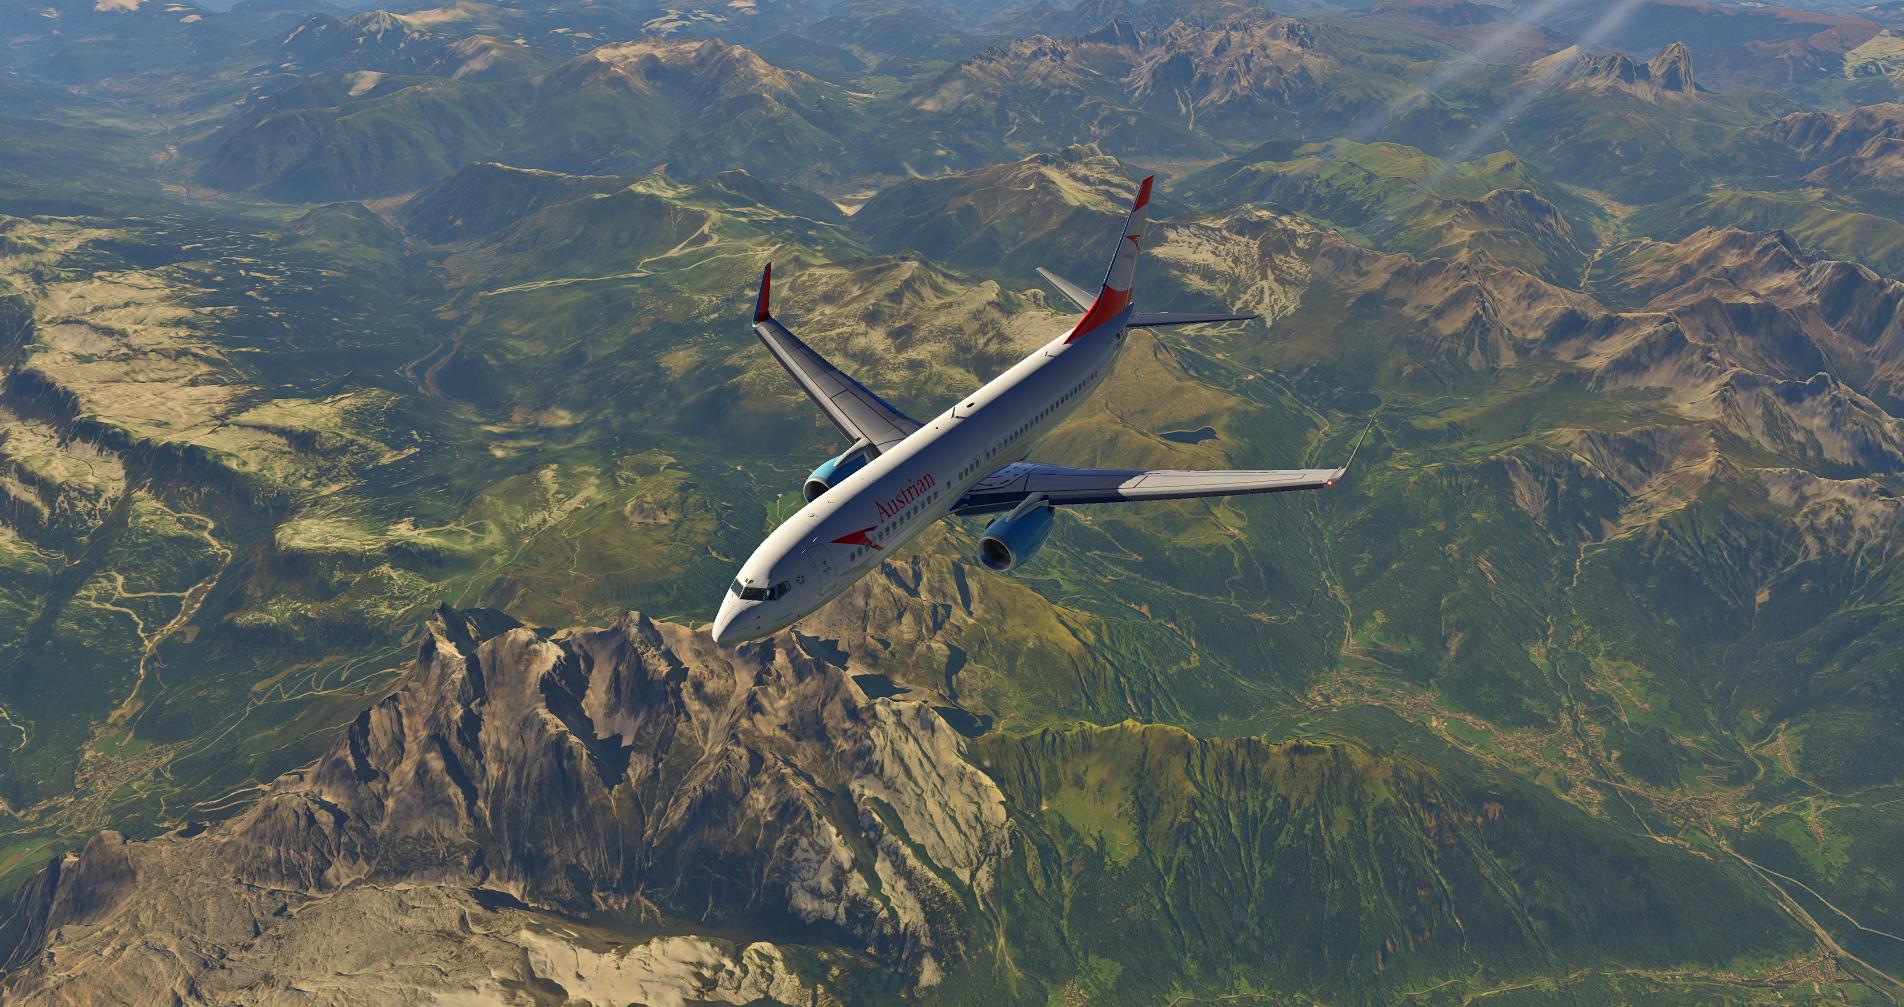 X-Plane Screenshot 2019.02.19 - 19.51.54.79.png